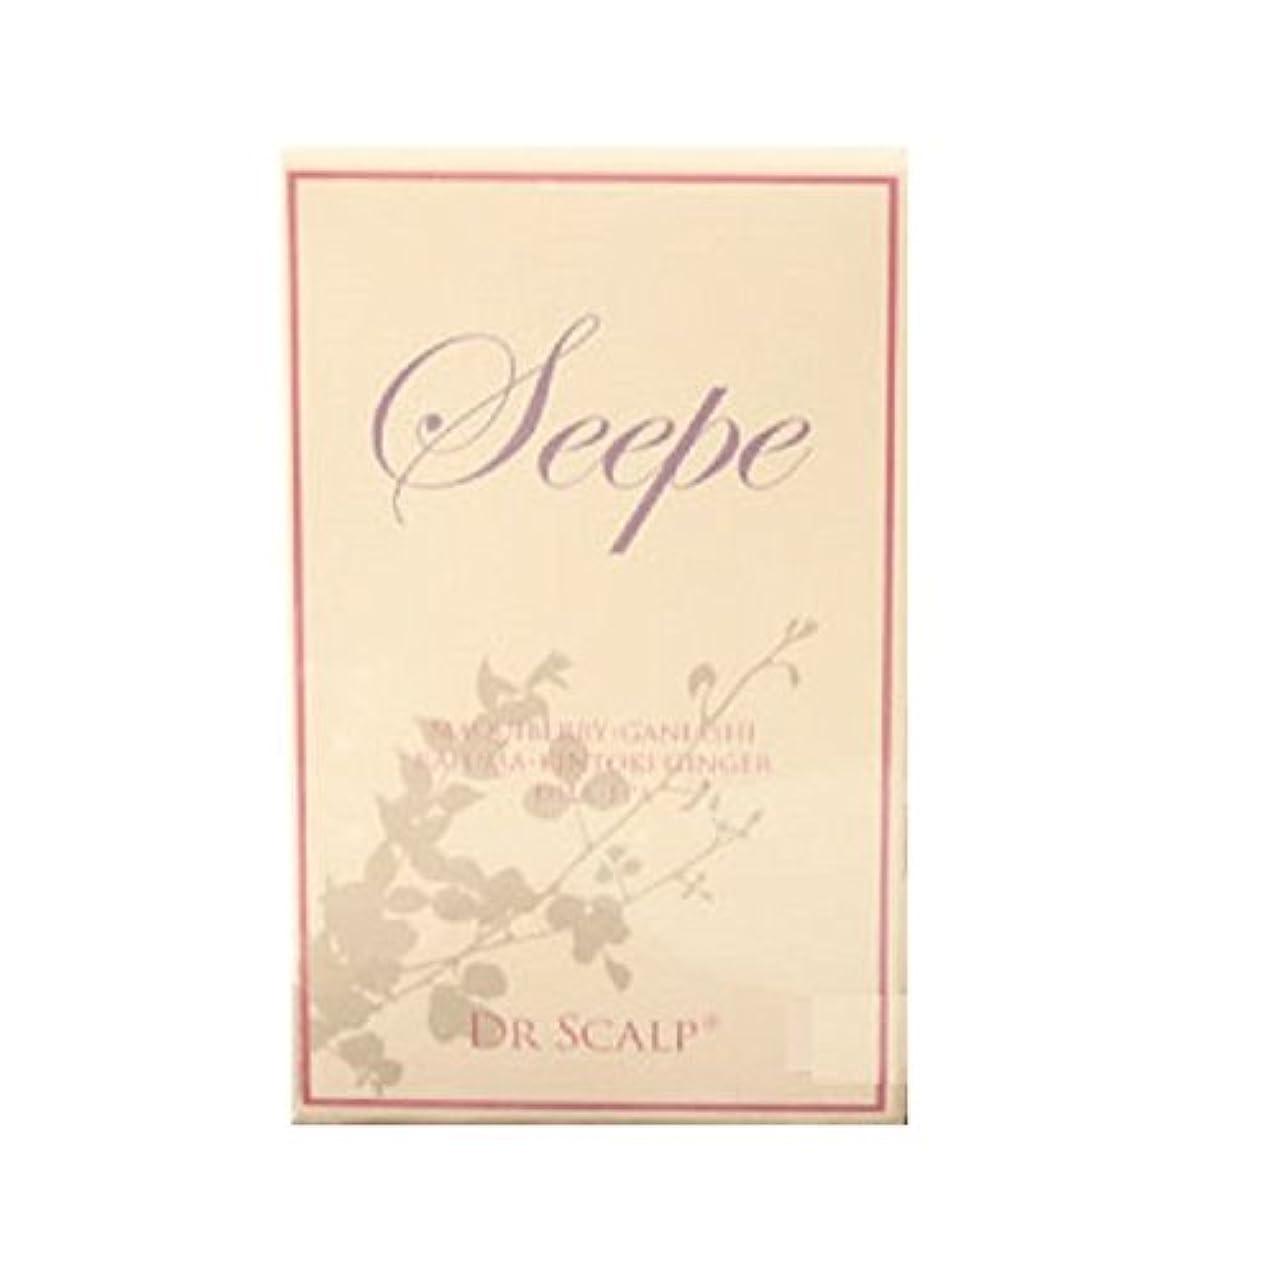 ユーモラス肺炎師匠ドクタースカルプ DR.SCALP(ドクタースカルプ)SEEPE(シープ) (サプリメント)※プロジェクトサプリメントのリニューアル商品です《60粒》